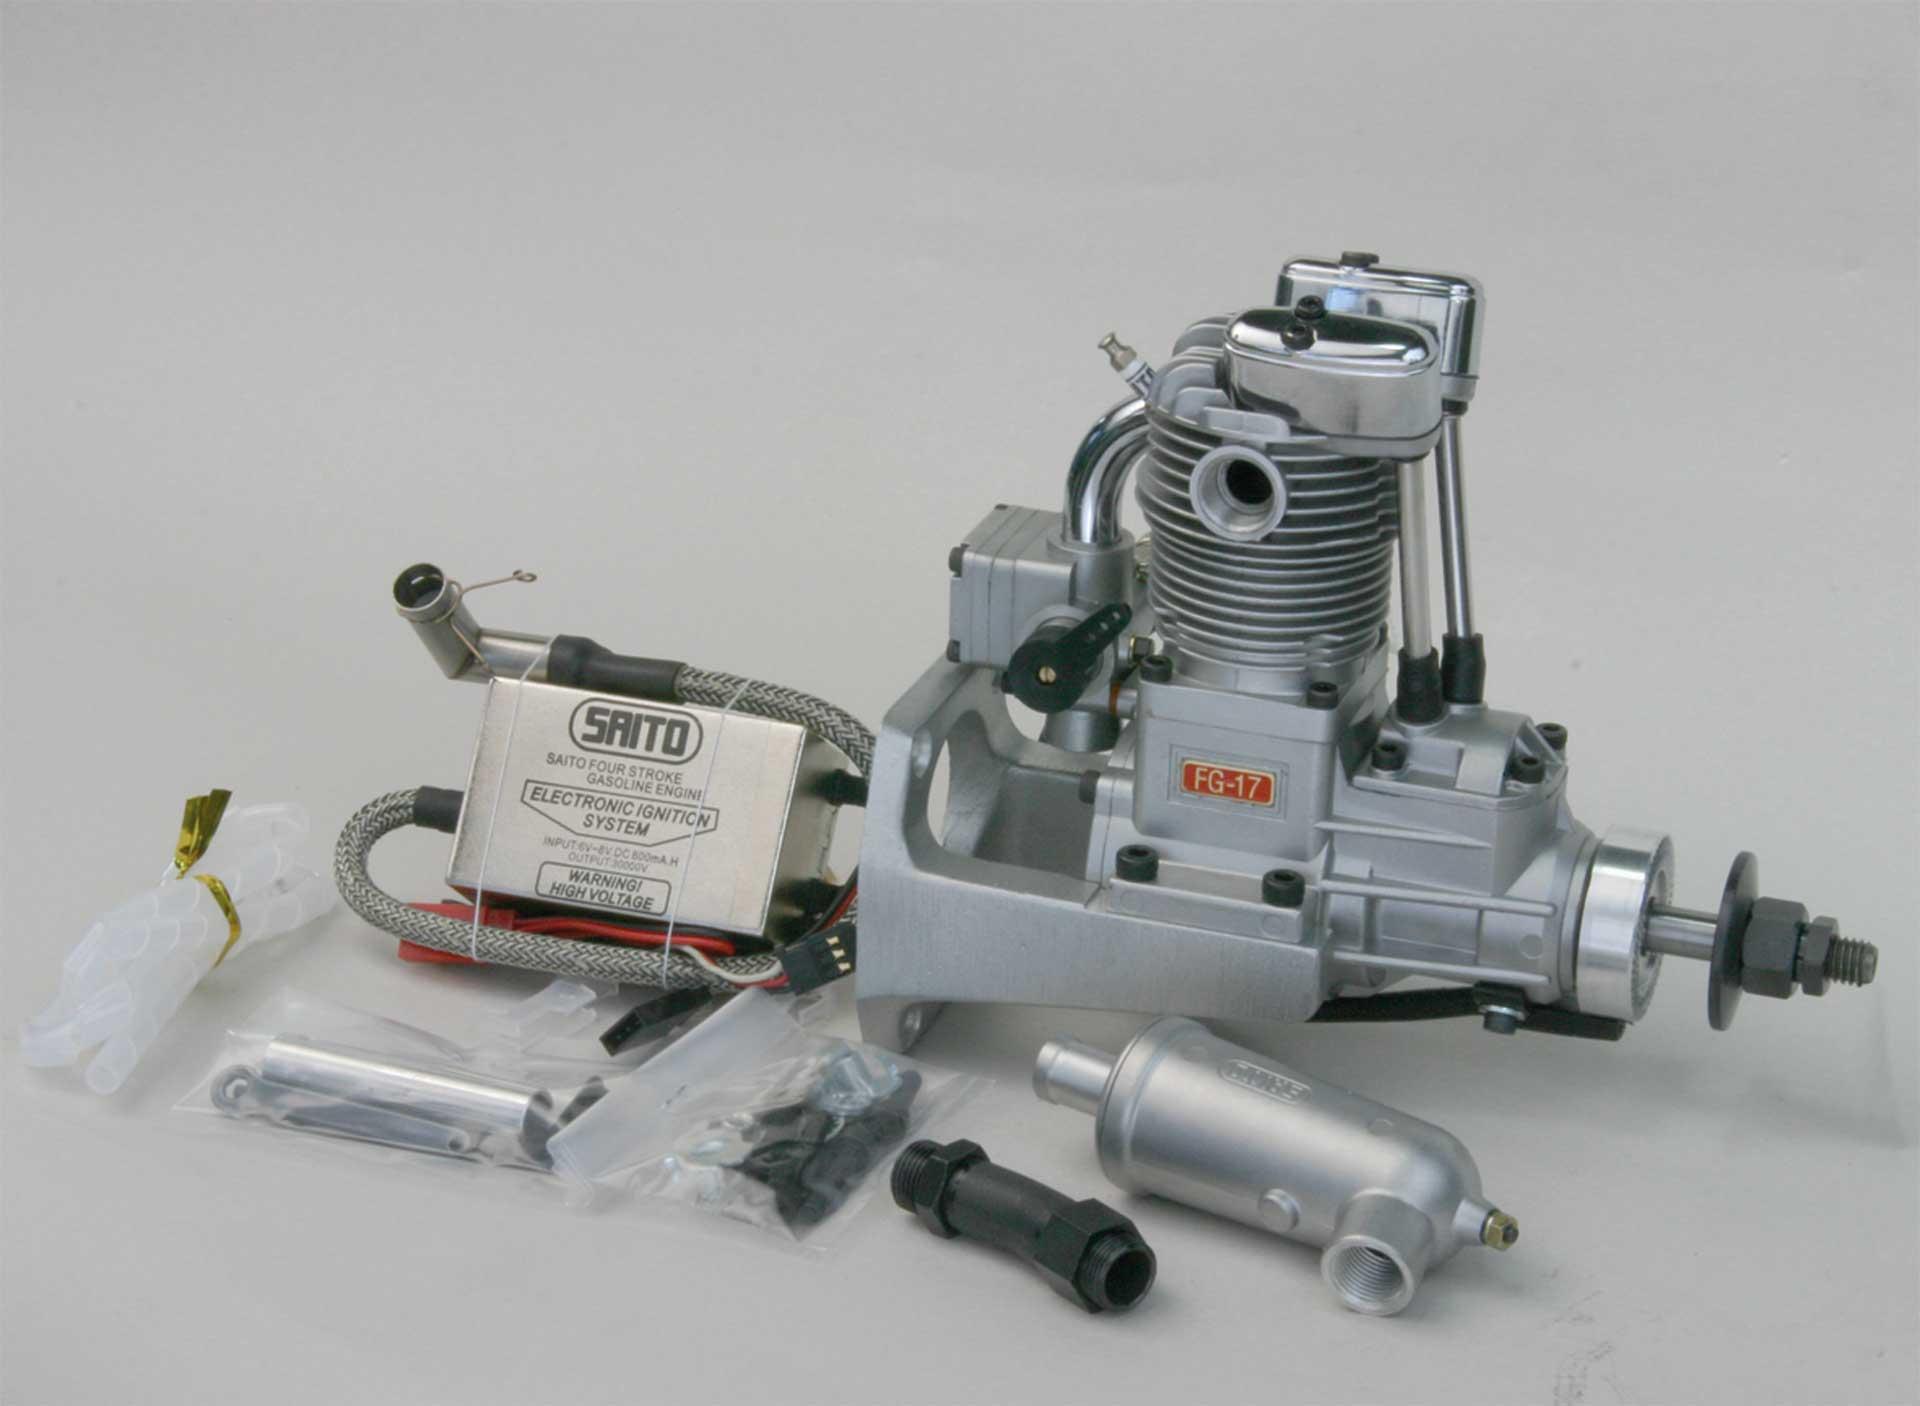 SAITO FG-17 BENZIN MOTOR